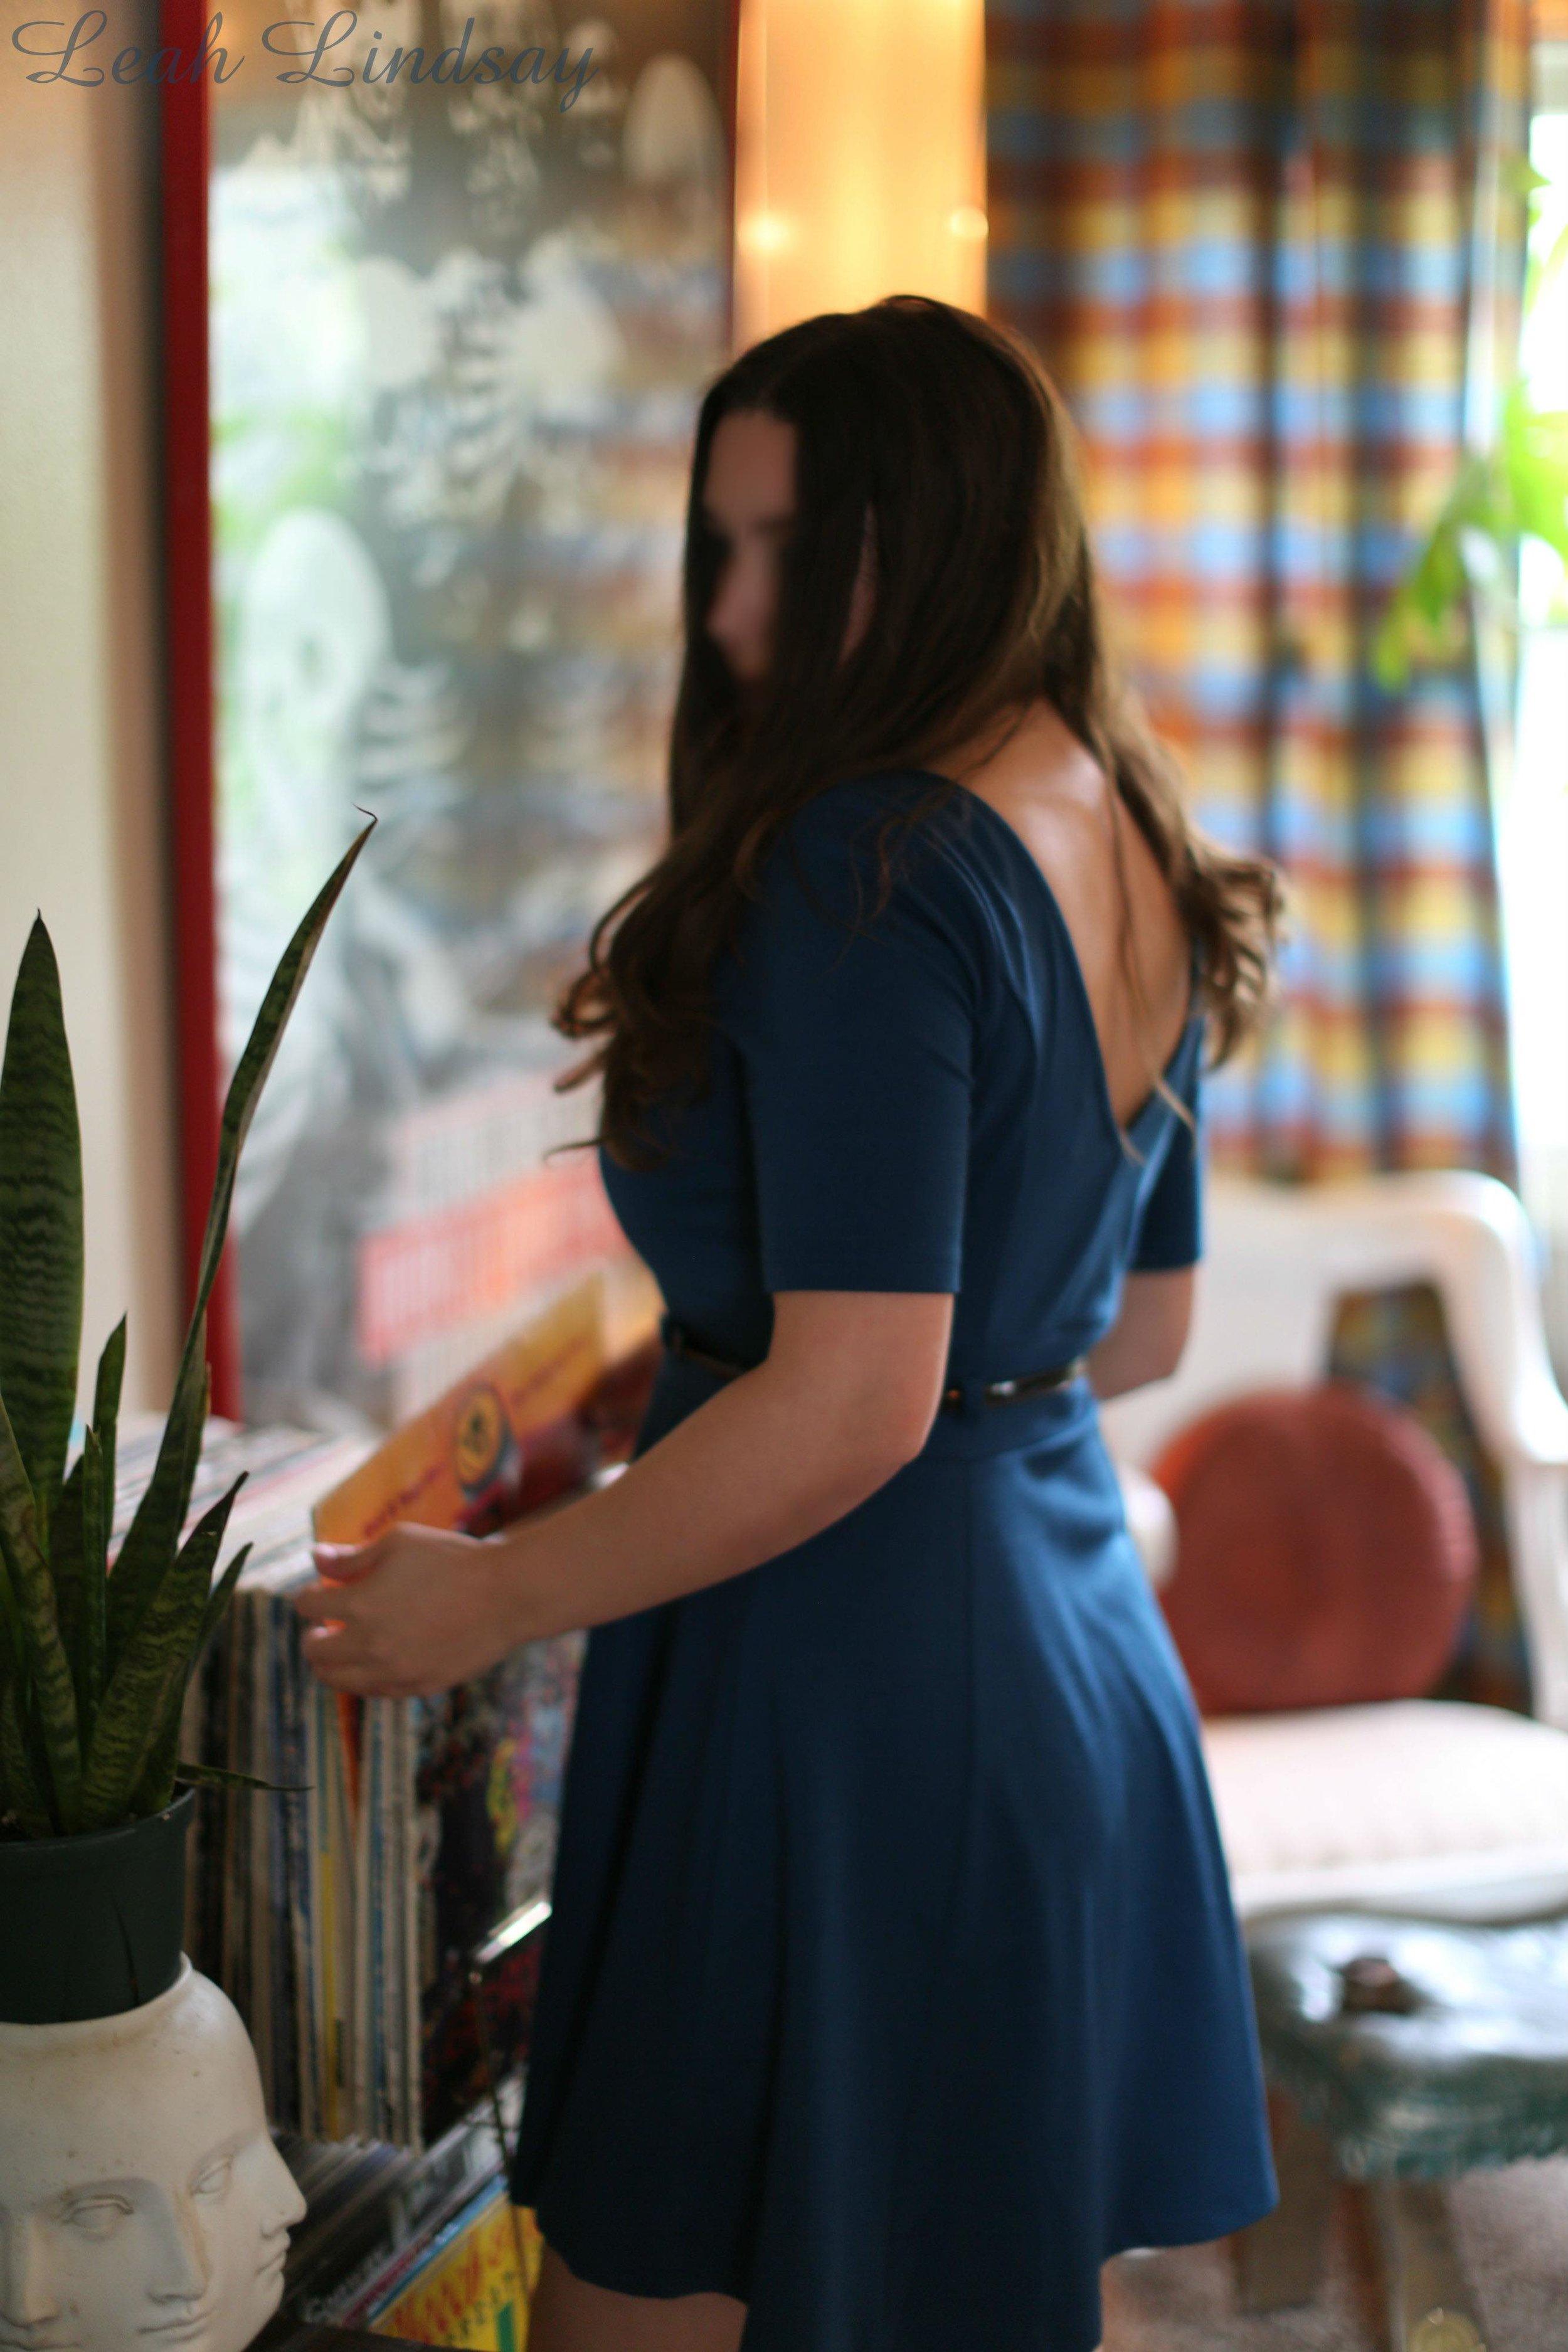 Leah Lindsay - Hot Romantic GFE Escort San Francisco